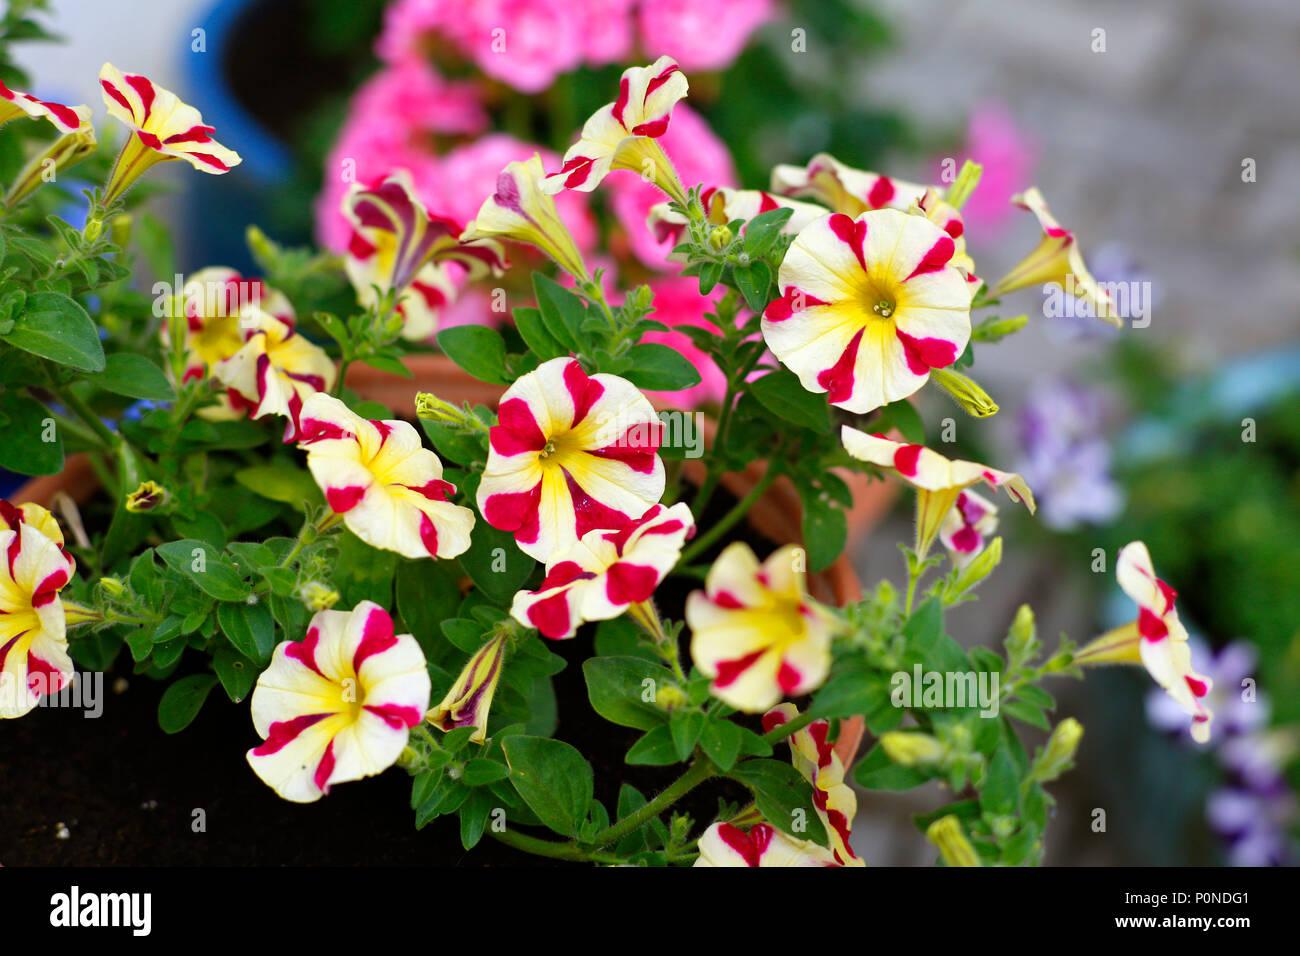 Lieblings Topfpflanzen Sommer Pflanzen, Petunien und Geranien Stockfoto &LQ_11